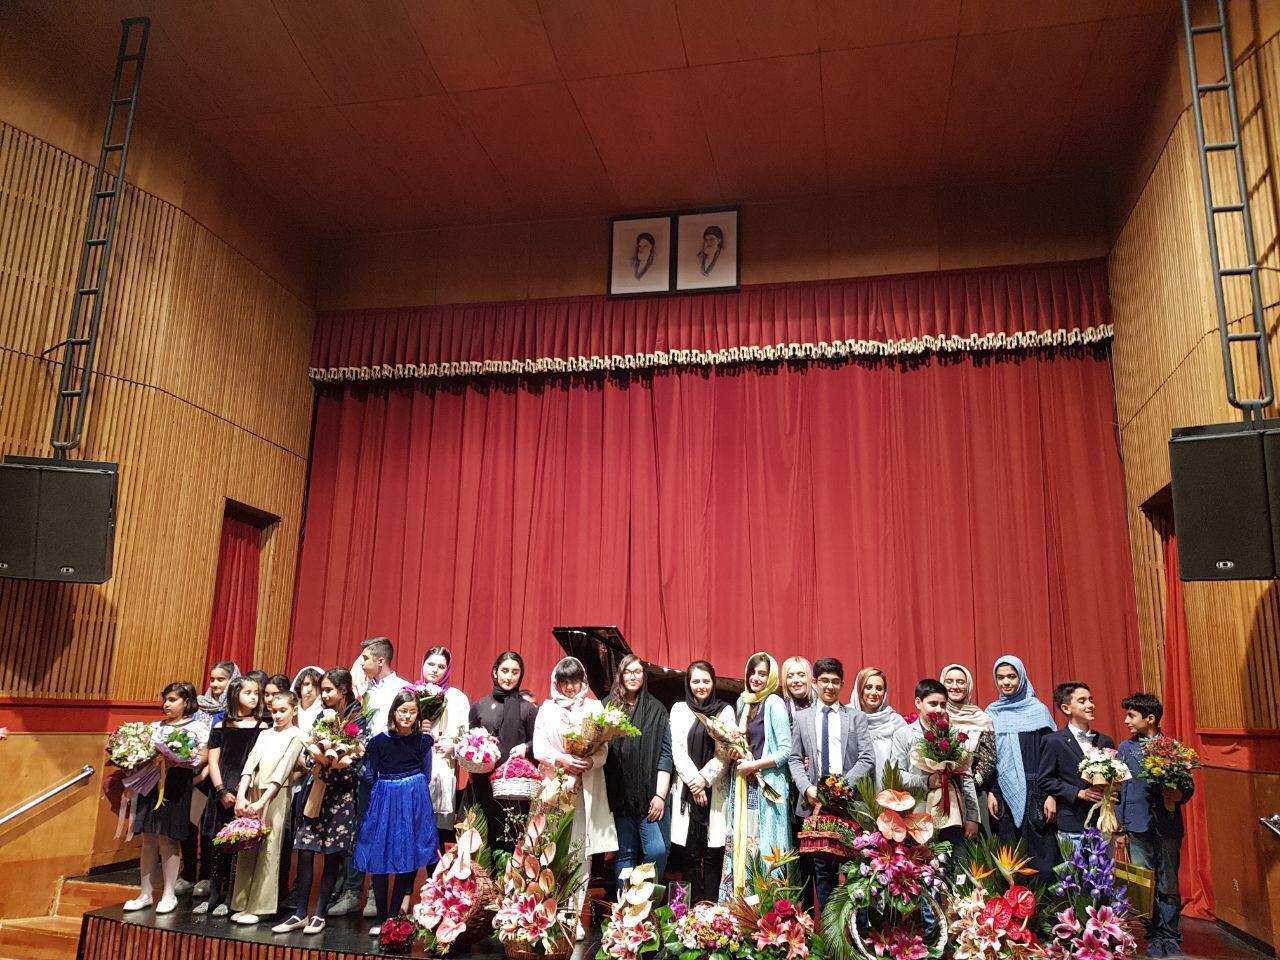 شهرزاد رحیمیان کنسرت هنرجویان خود را در فرهنگسرای نیاوران برگزار کرد